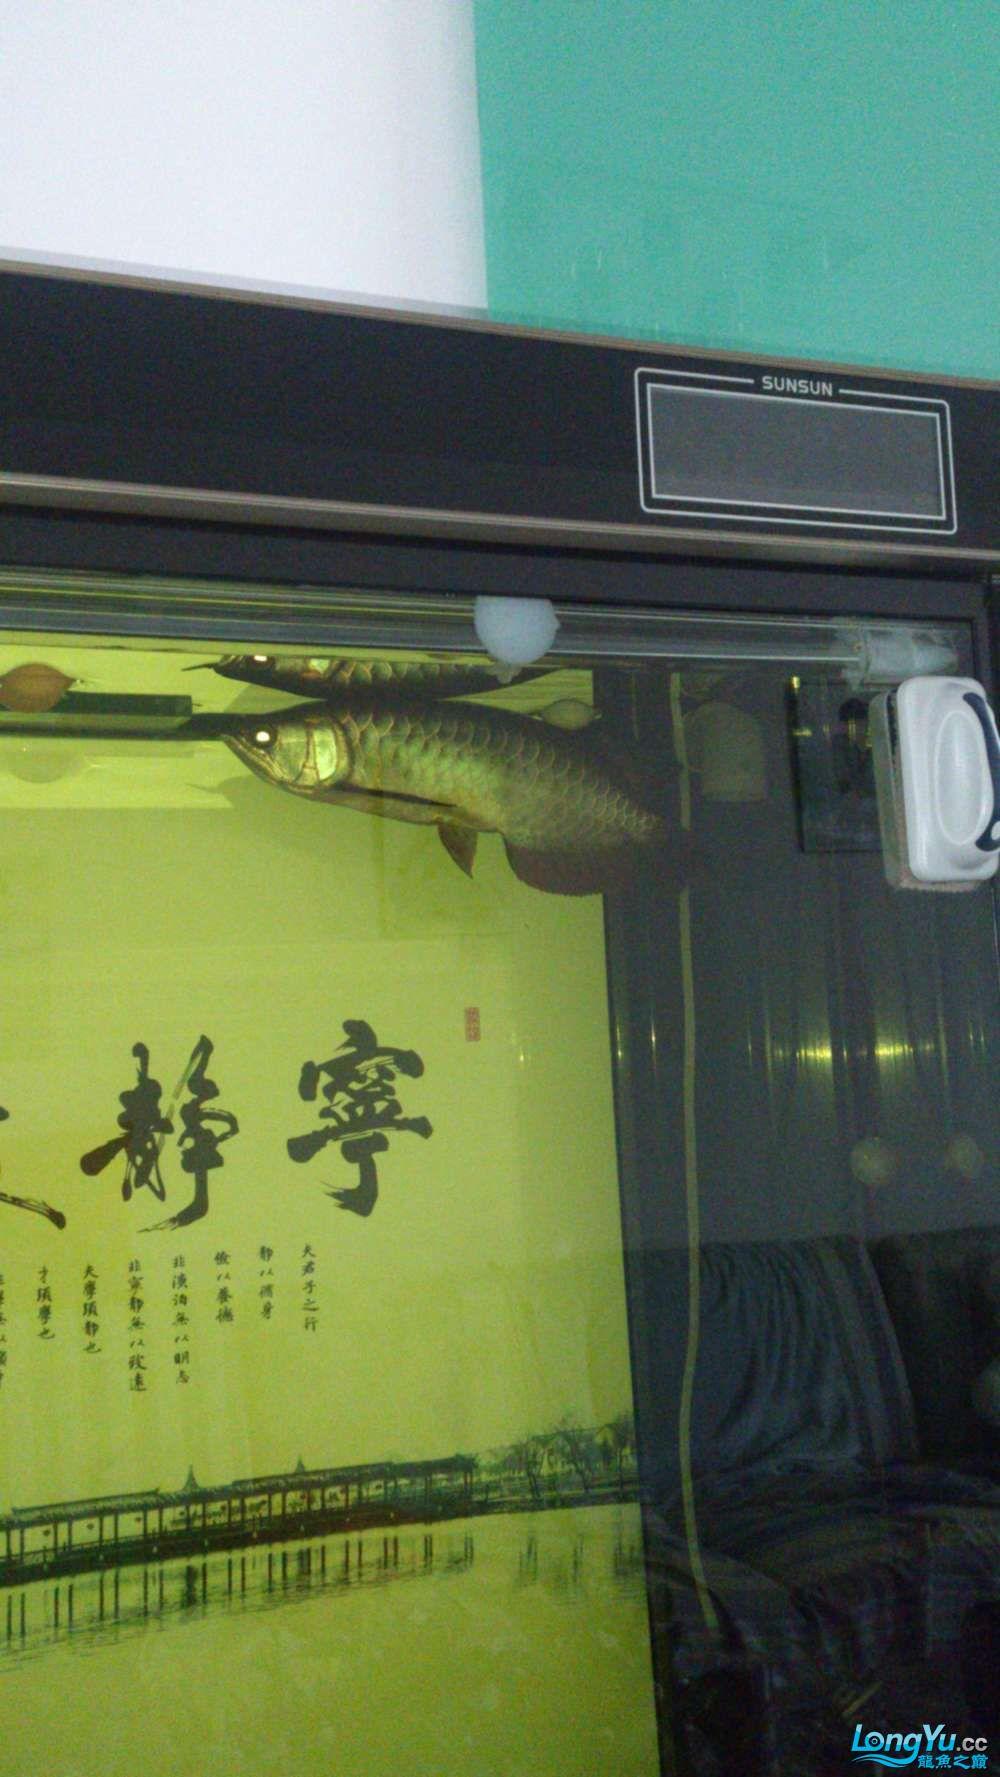 求助求救求支援 西安龙鱼论坛 西安博特第2张